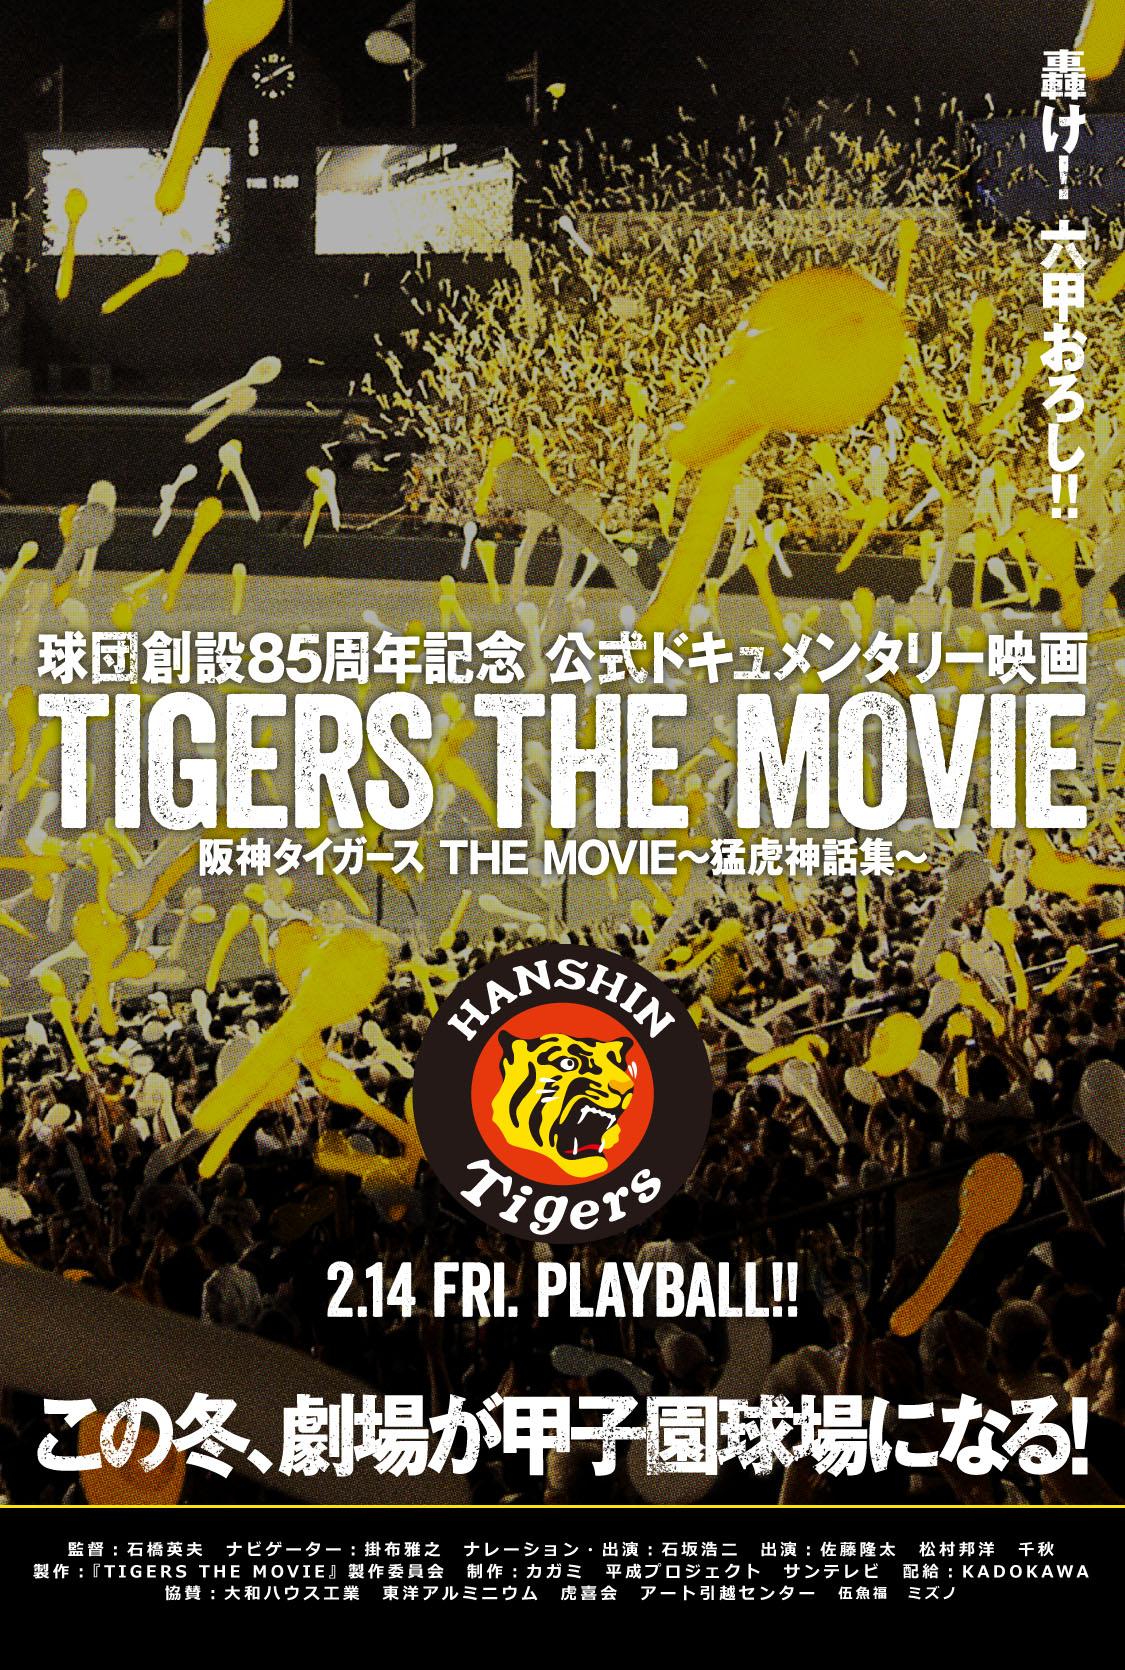 猛虎 阪神 神話 集 the movie タイガース